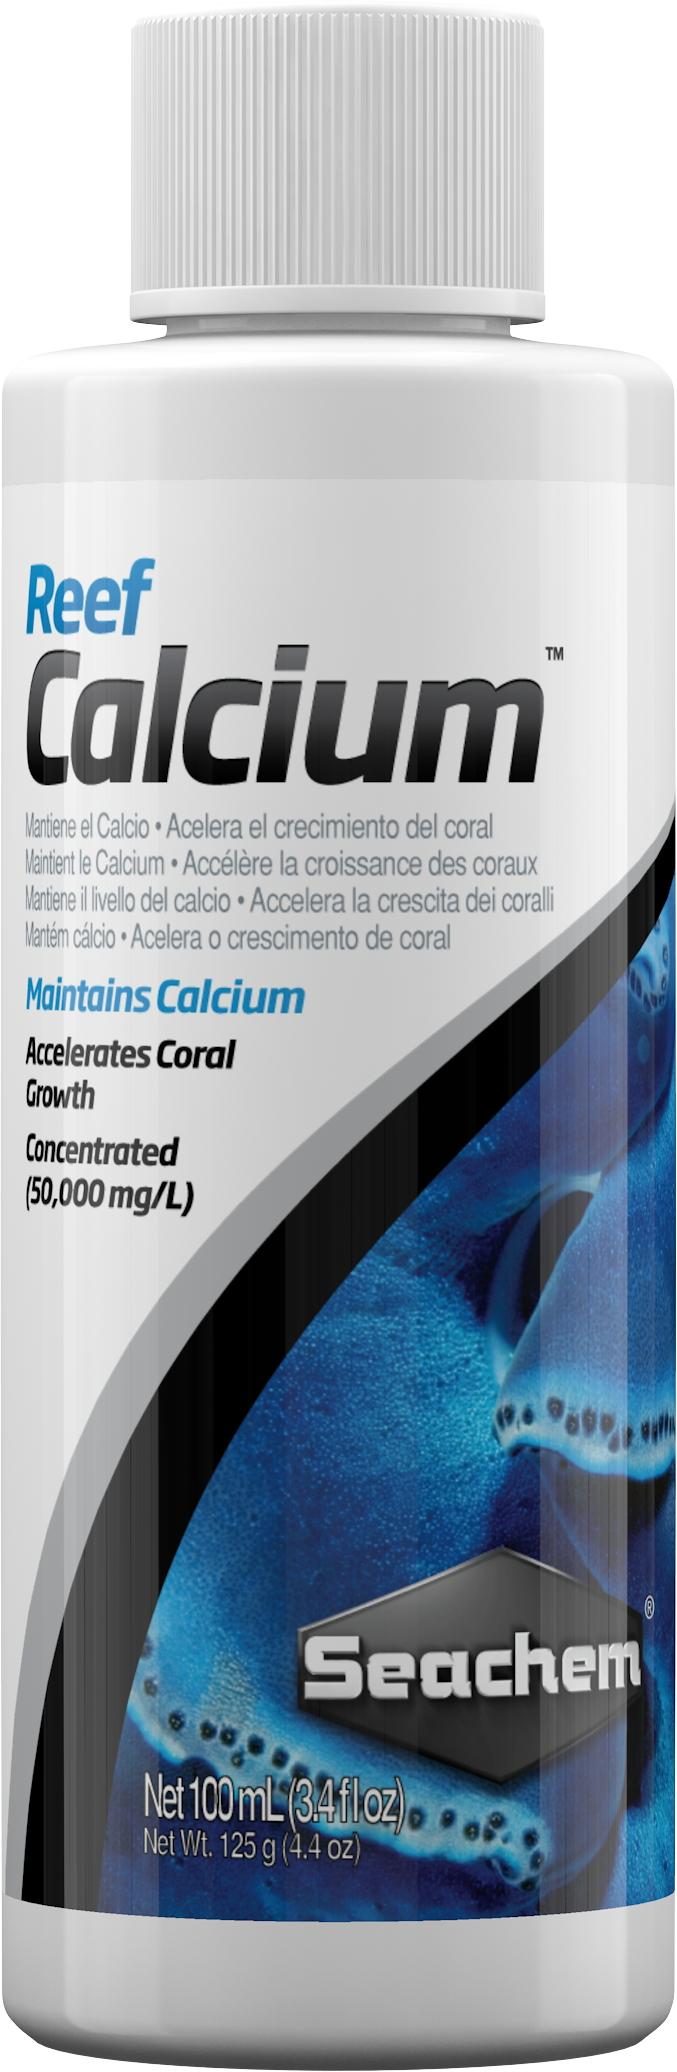 ReefCalcium-100mL